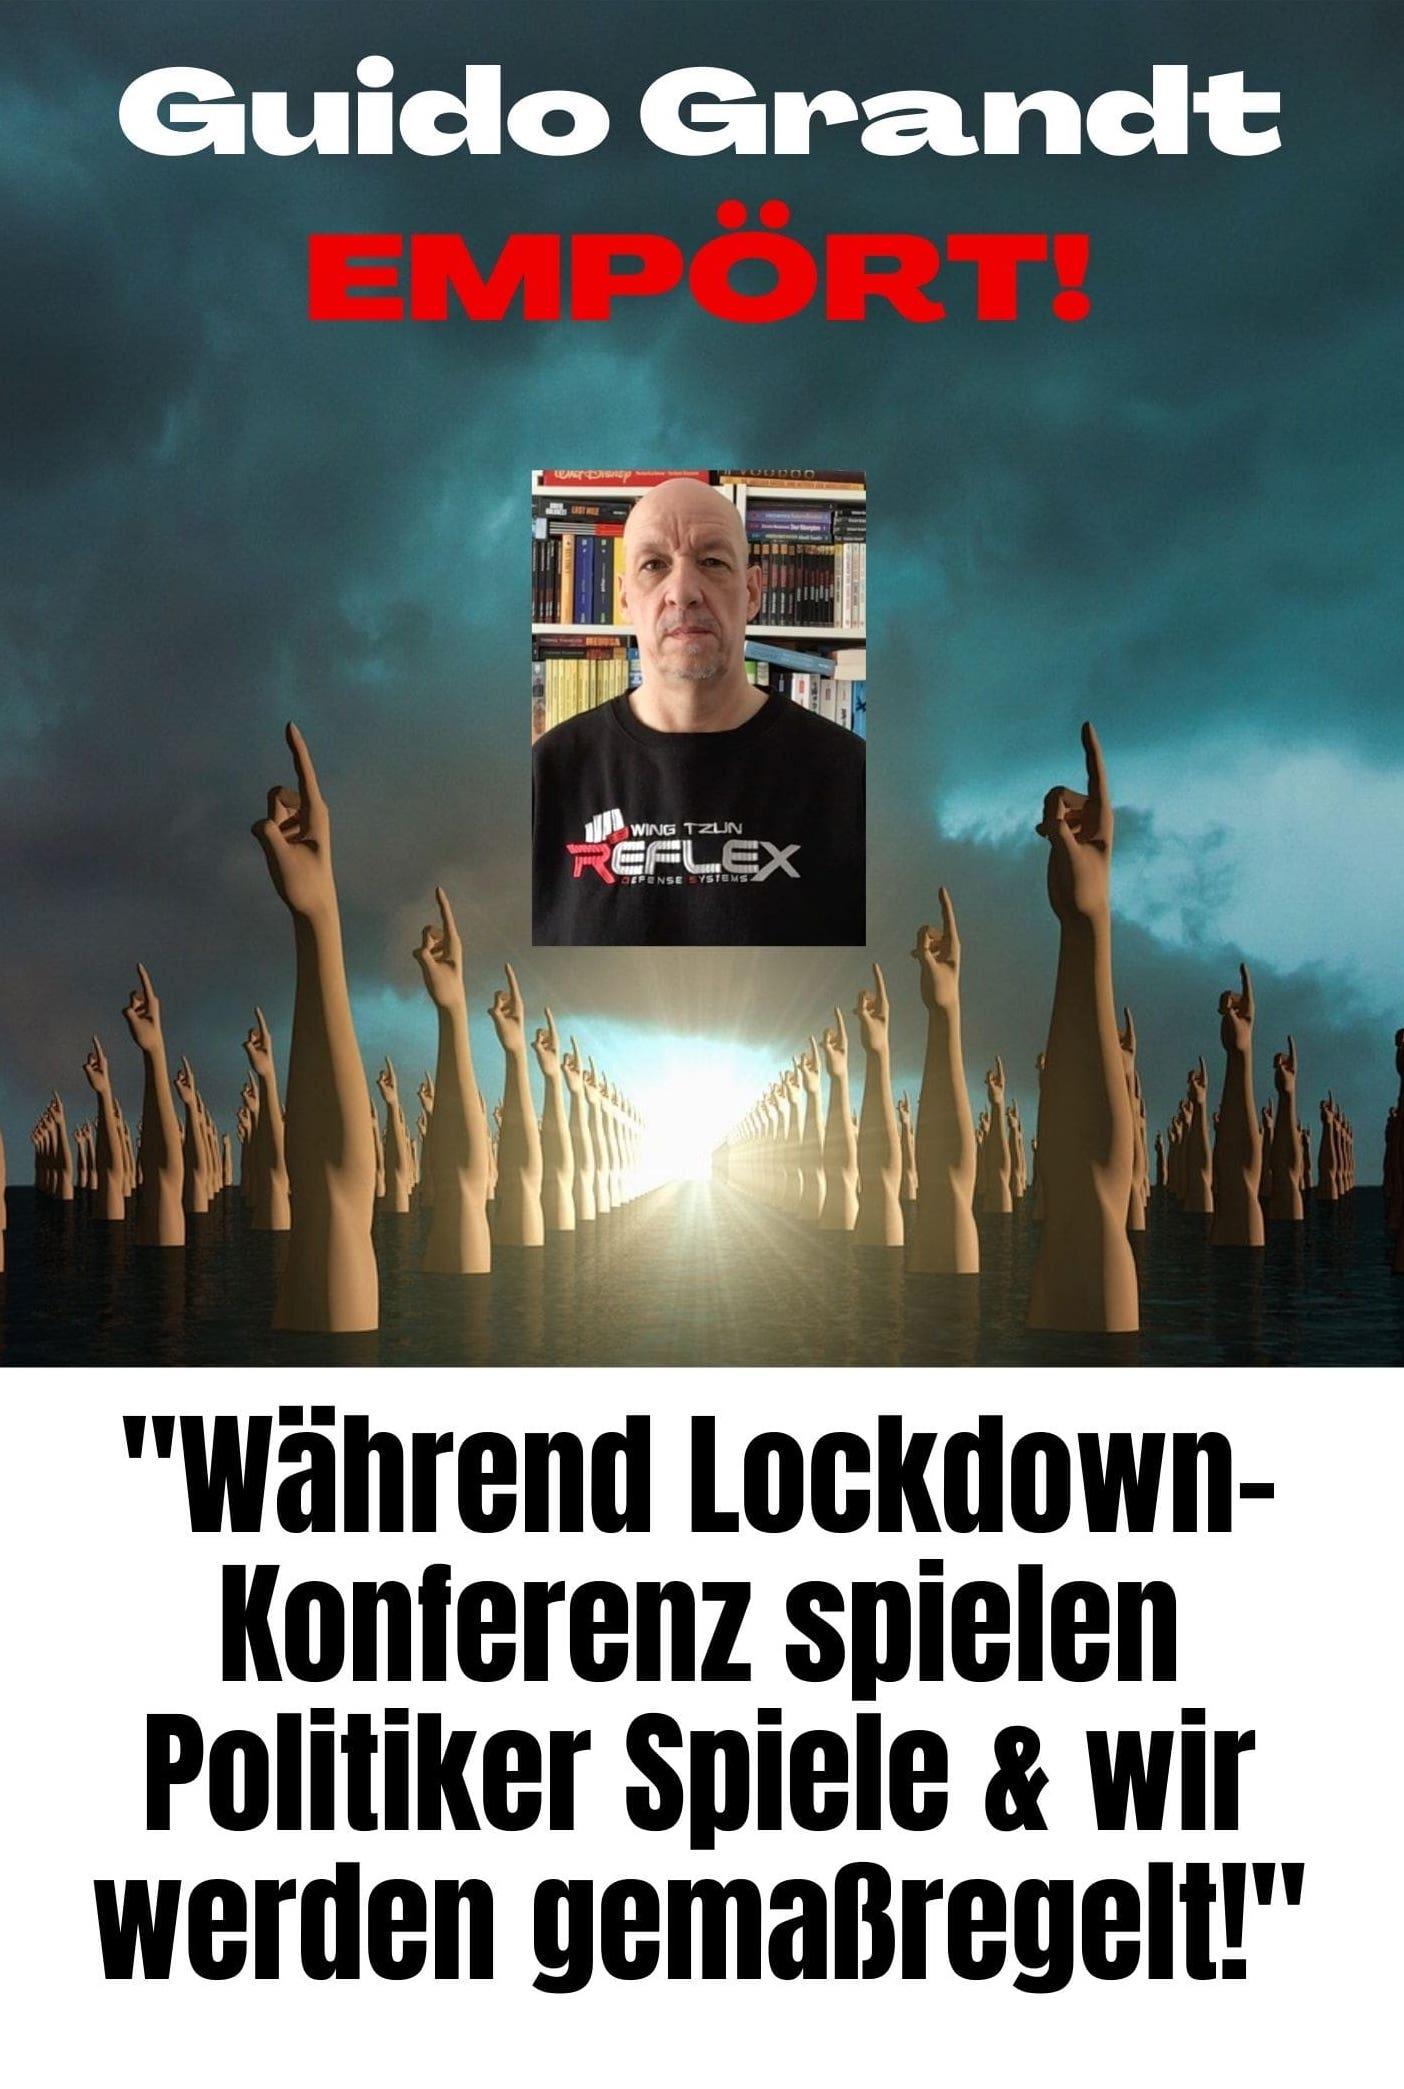 """GUIDO GRANDT EMPÖRT: """"Bei Lockdown-Konferenz spielen Politiker Spiele & wir werden gemaßregelt!"""" (VIDEO)"""